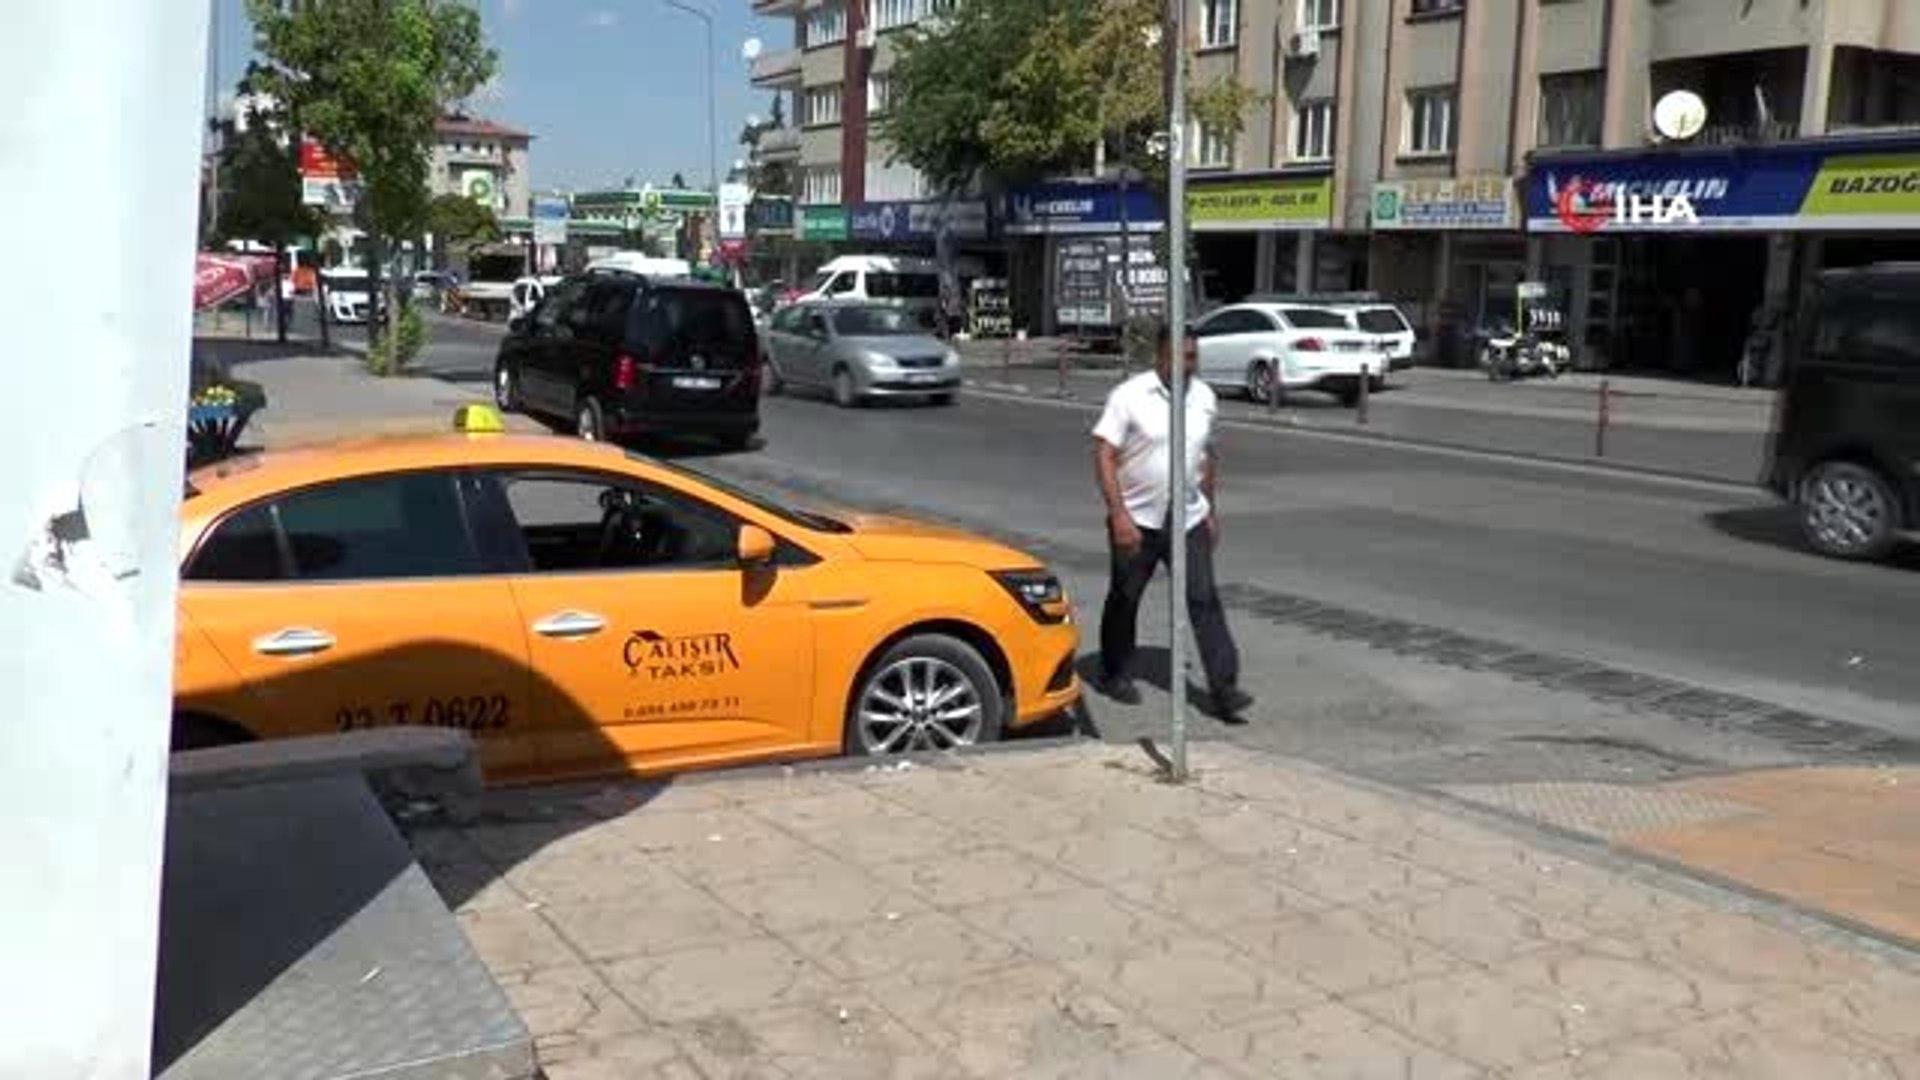 Bir taksi şoförü, aracında unutulan 87 bin lirayı sahibine teslim ederek büyük takdir topladı